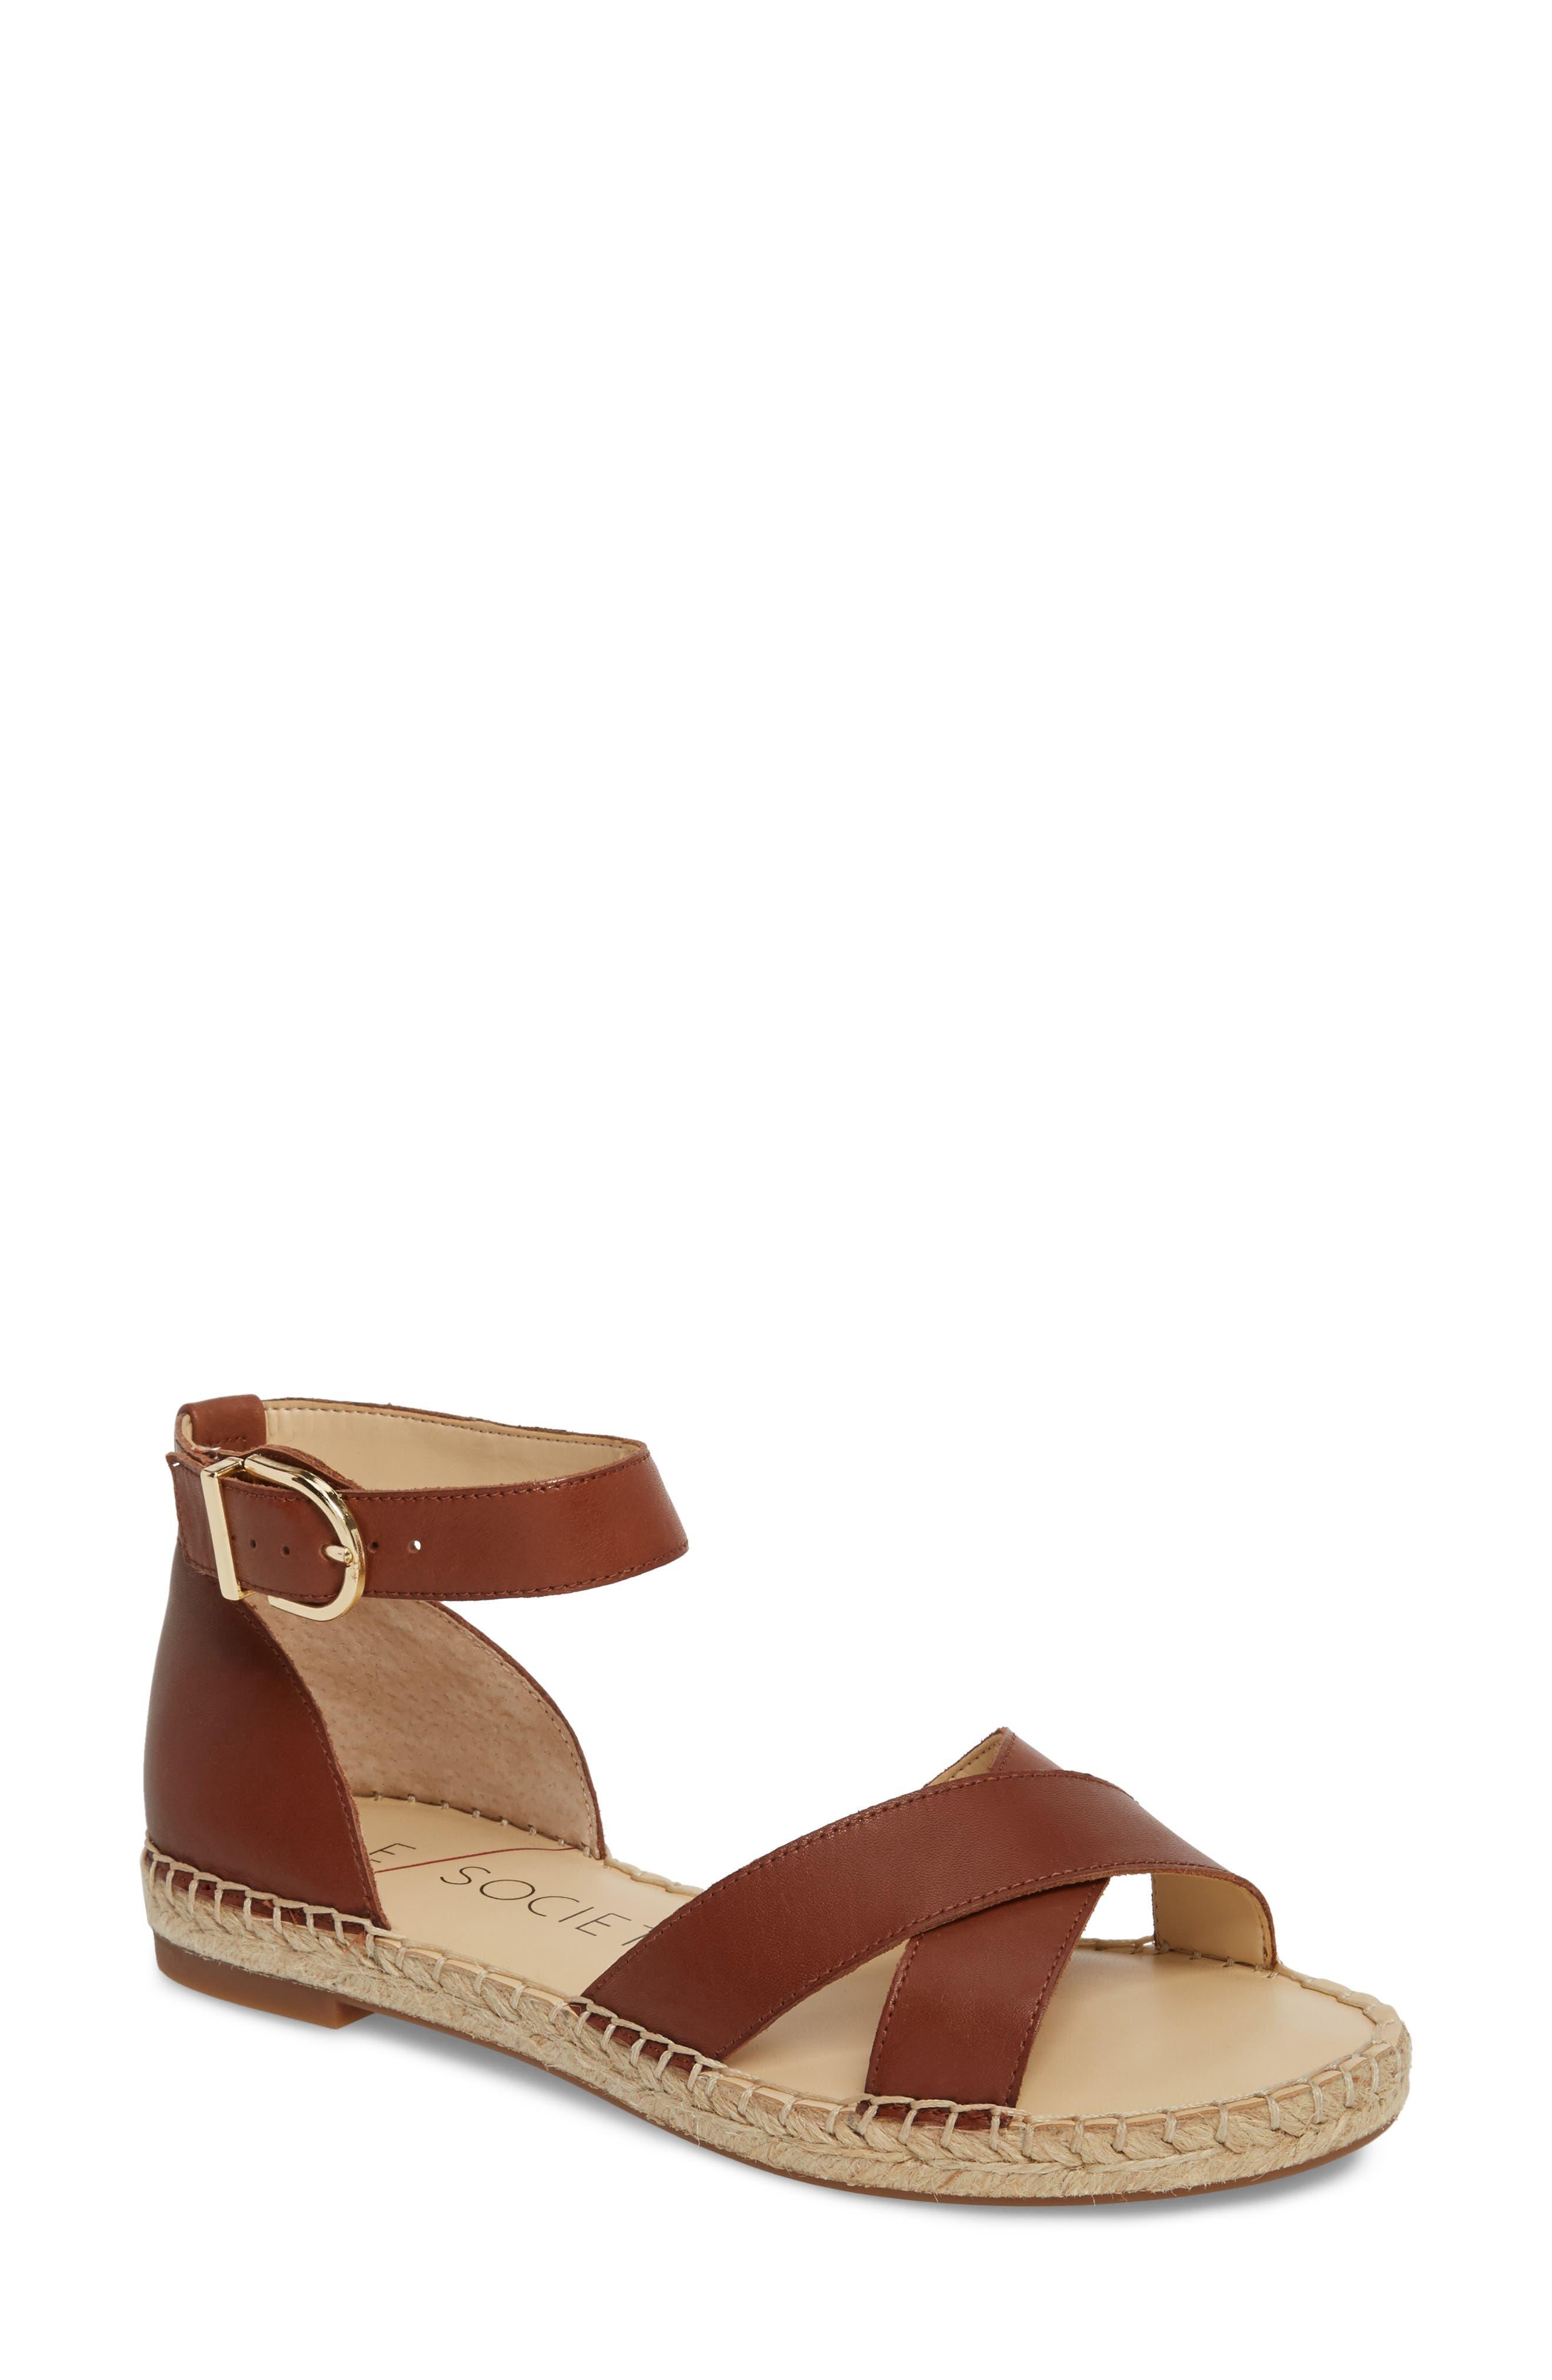 Saundra Espadrille Sandal,                             Main thumbnail 1, color,                             Cognac